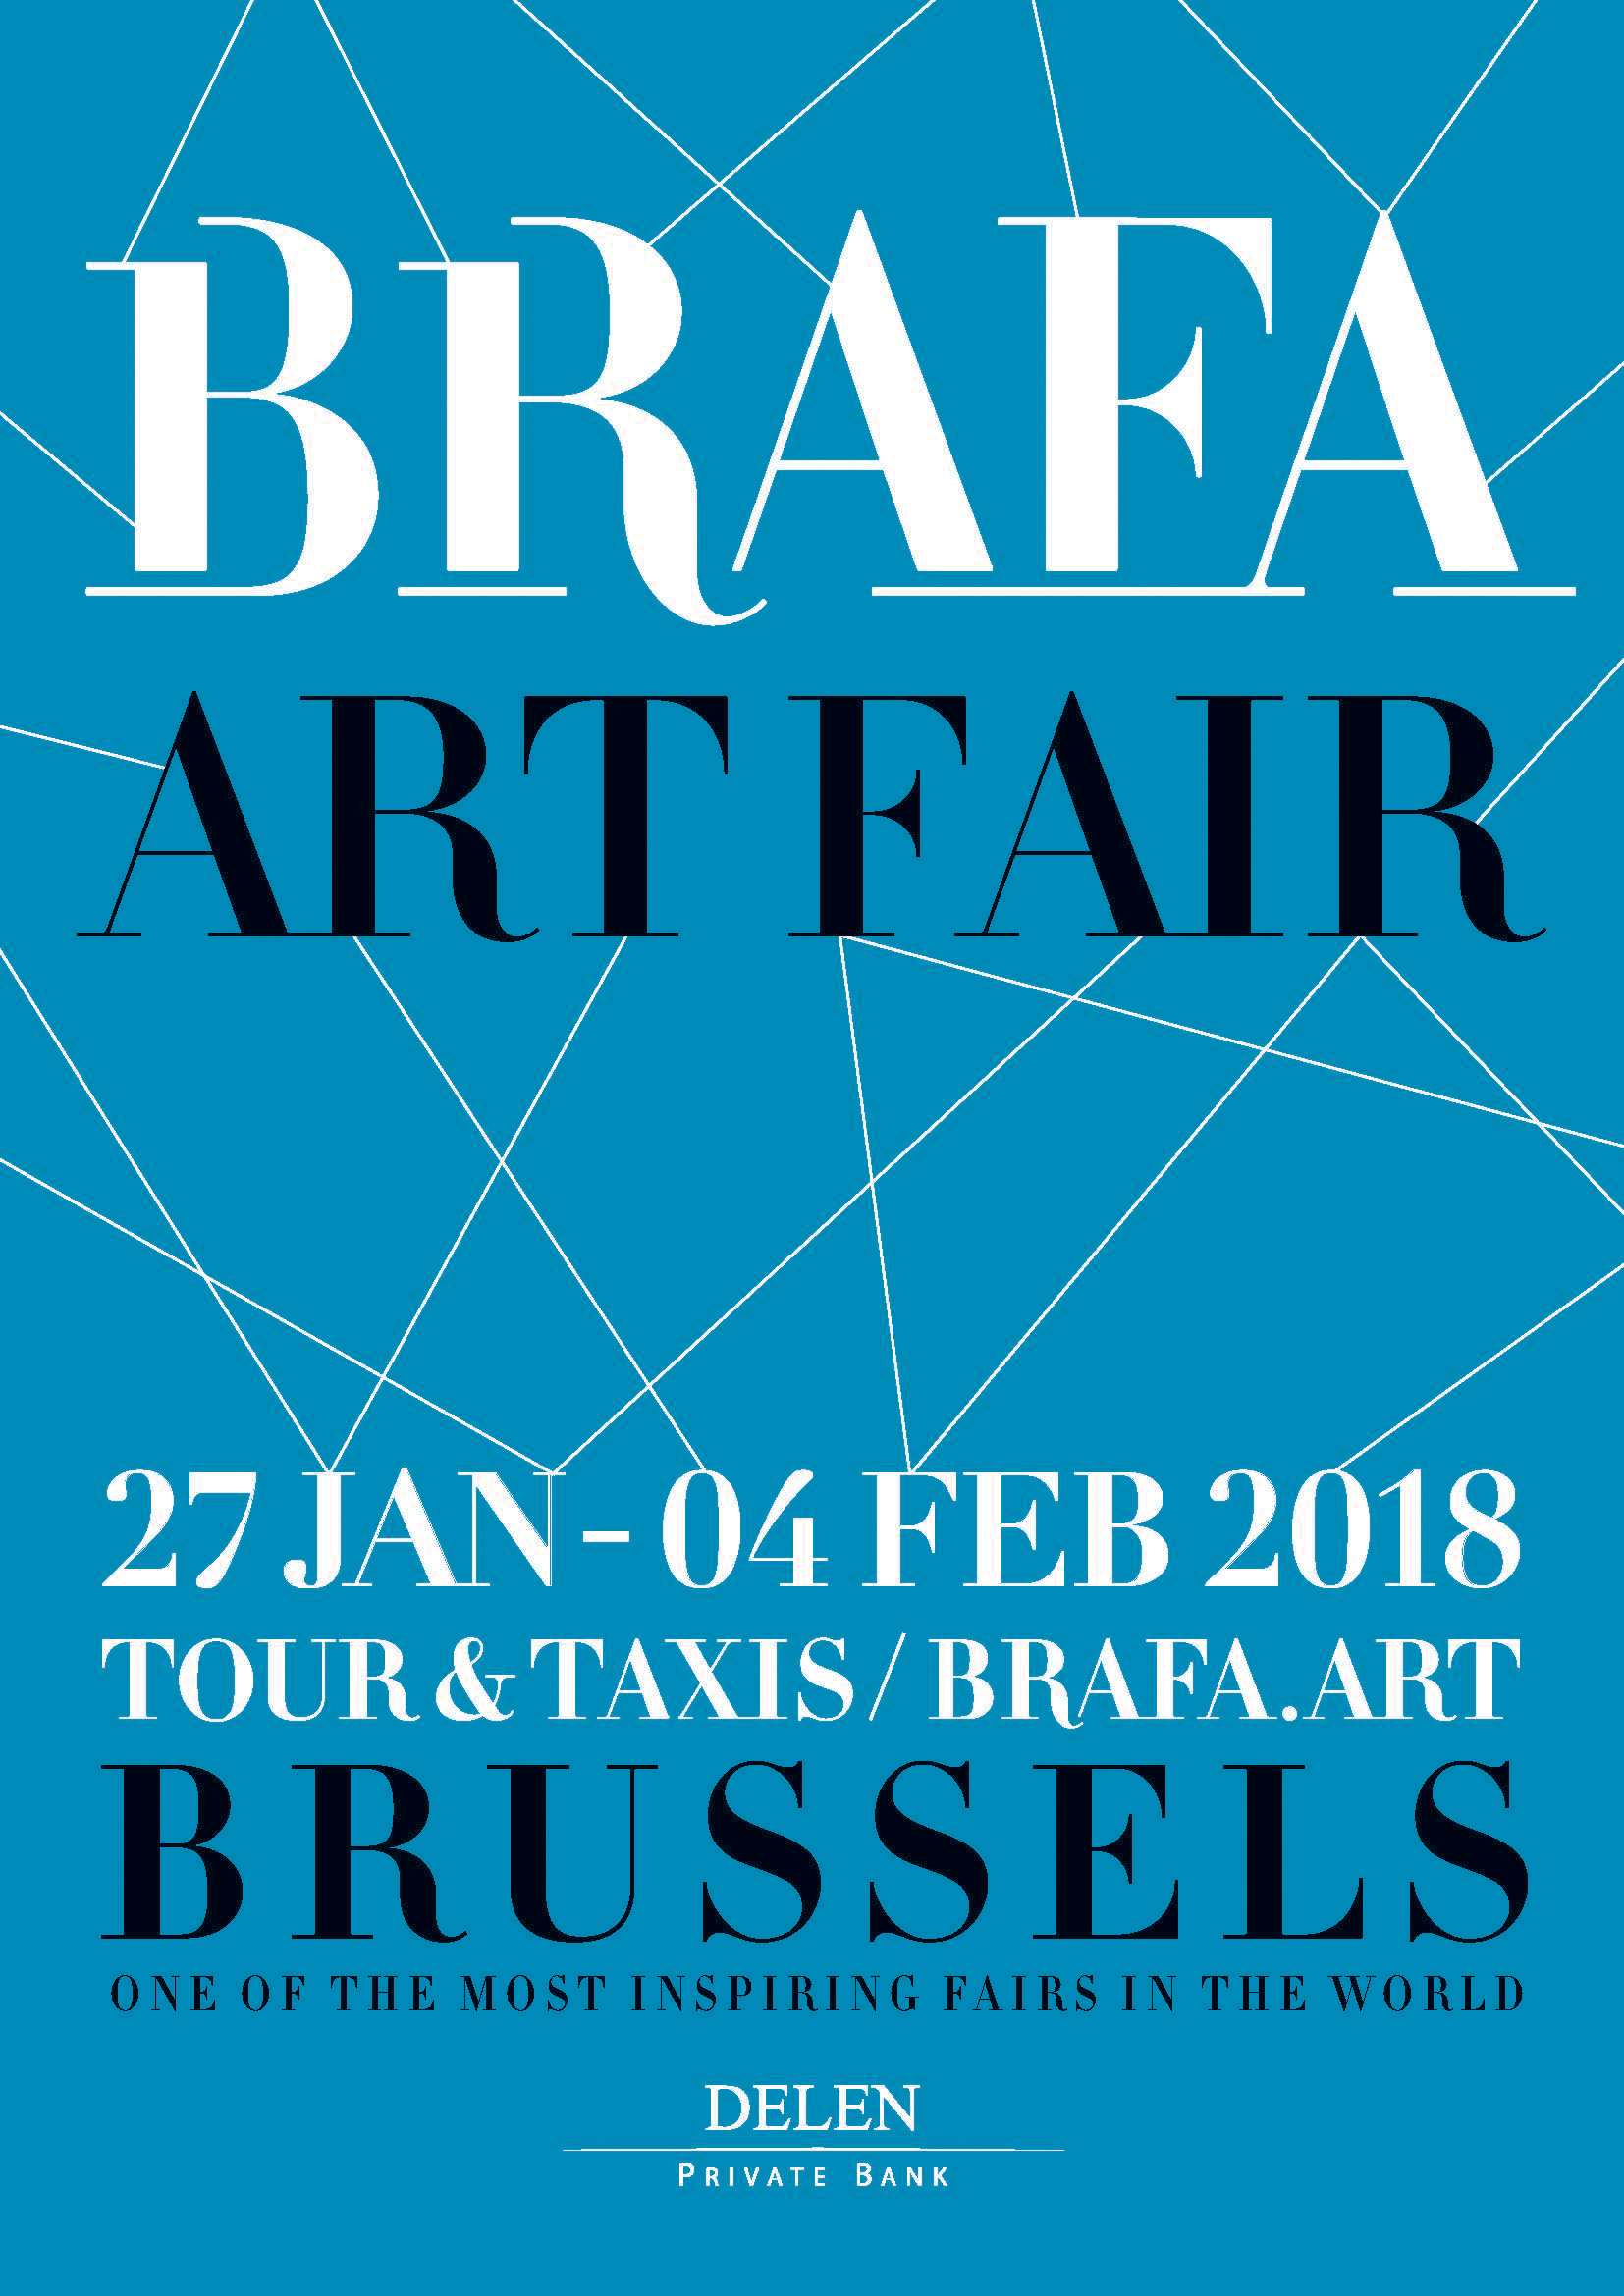 BRAFA_2018_AFFICHE_A4_